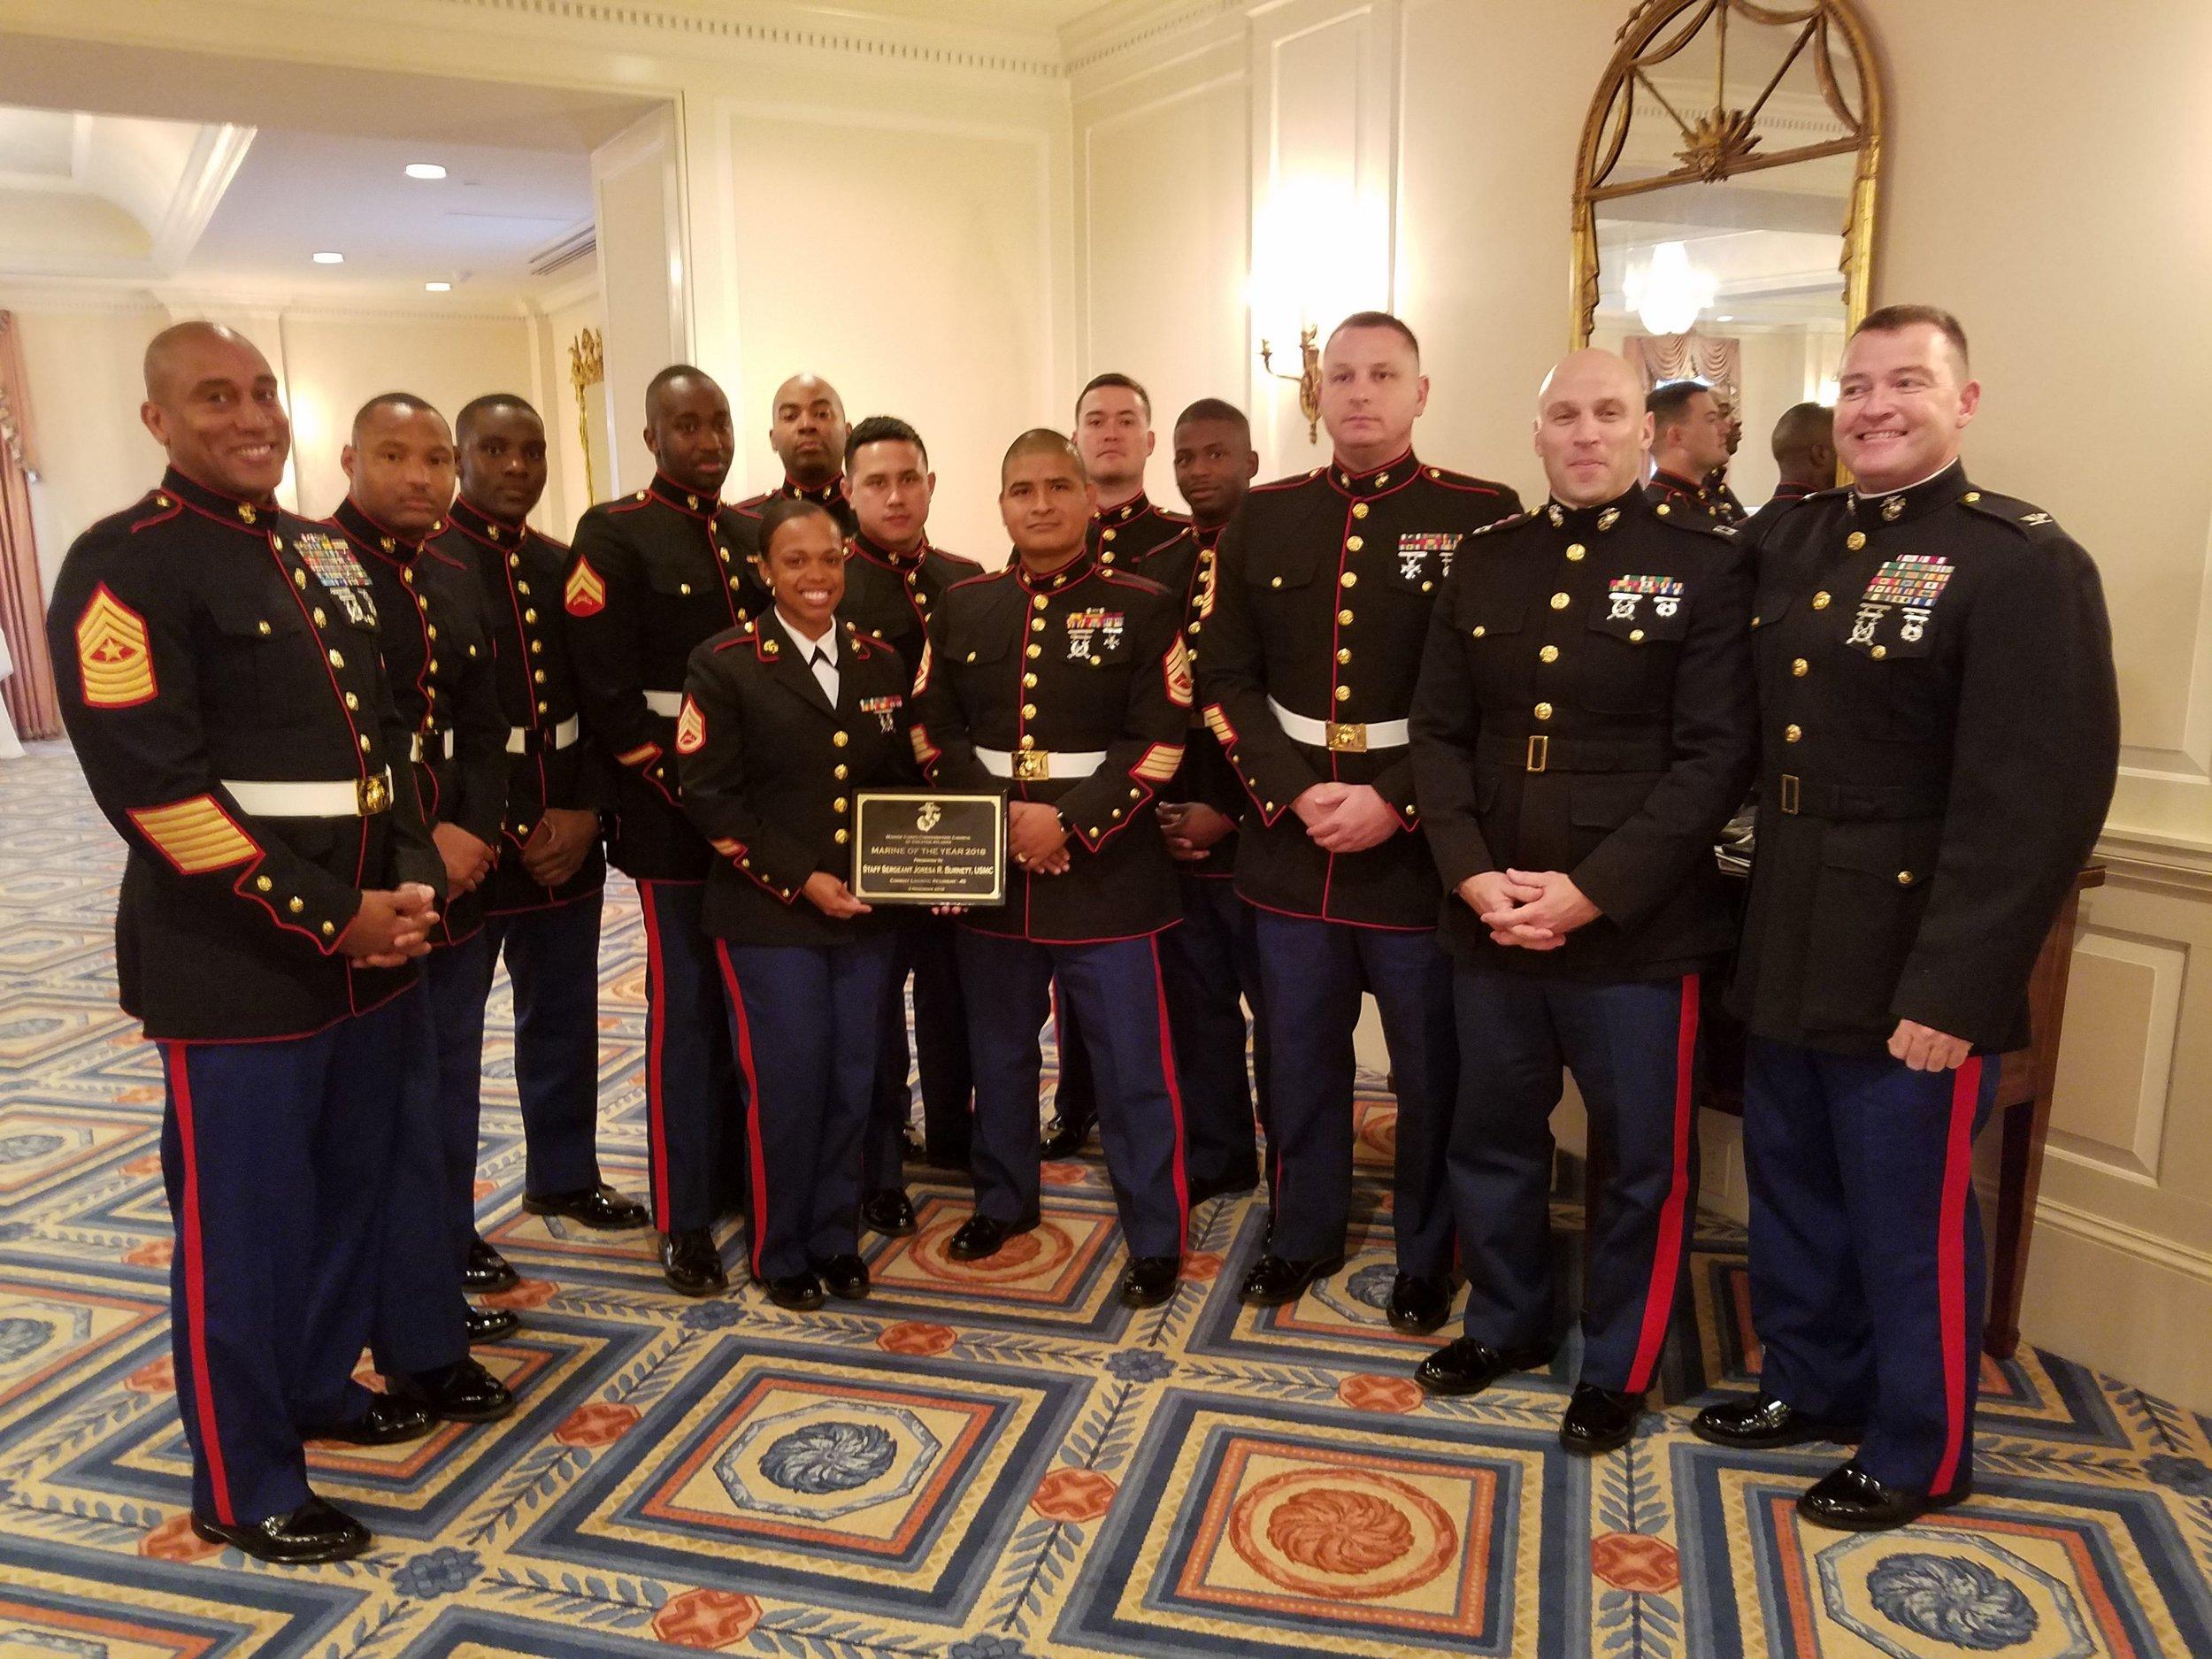 USMC Birthday 2018 - 2018-11-09 19.03.47 (Betsy S.).jpg